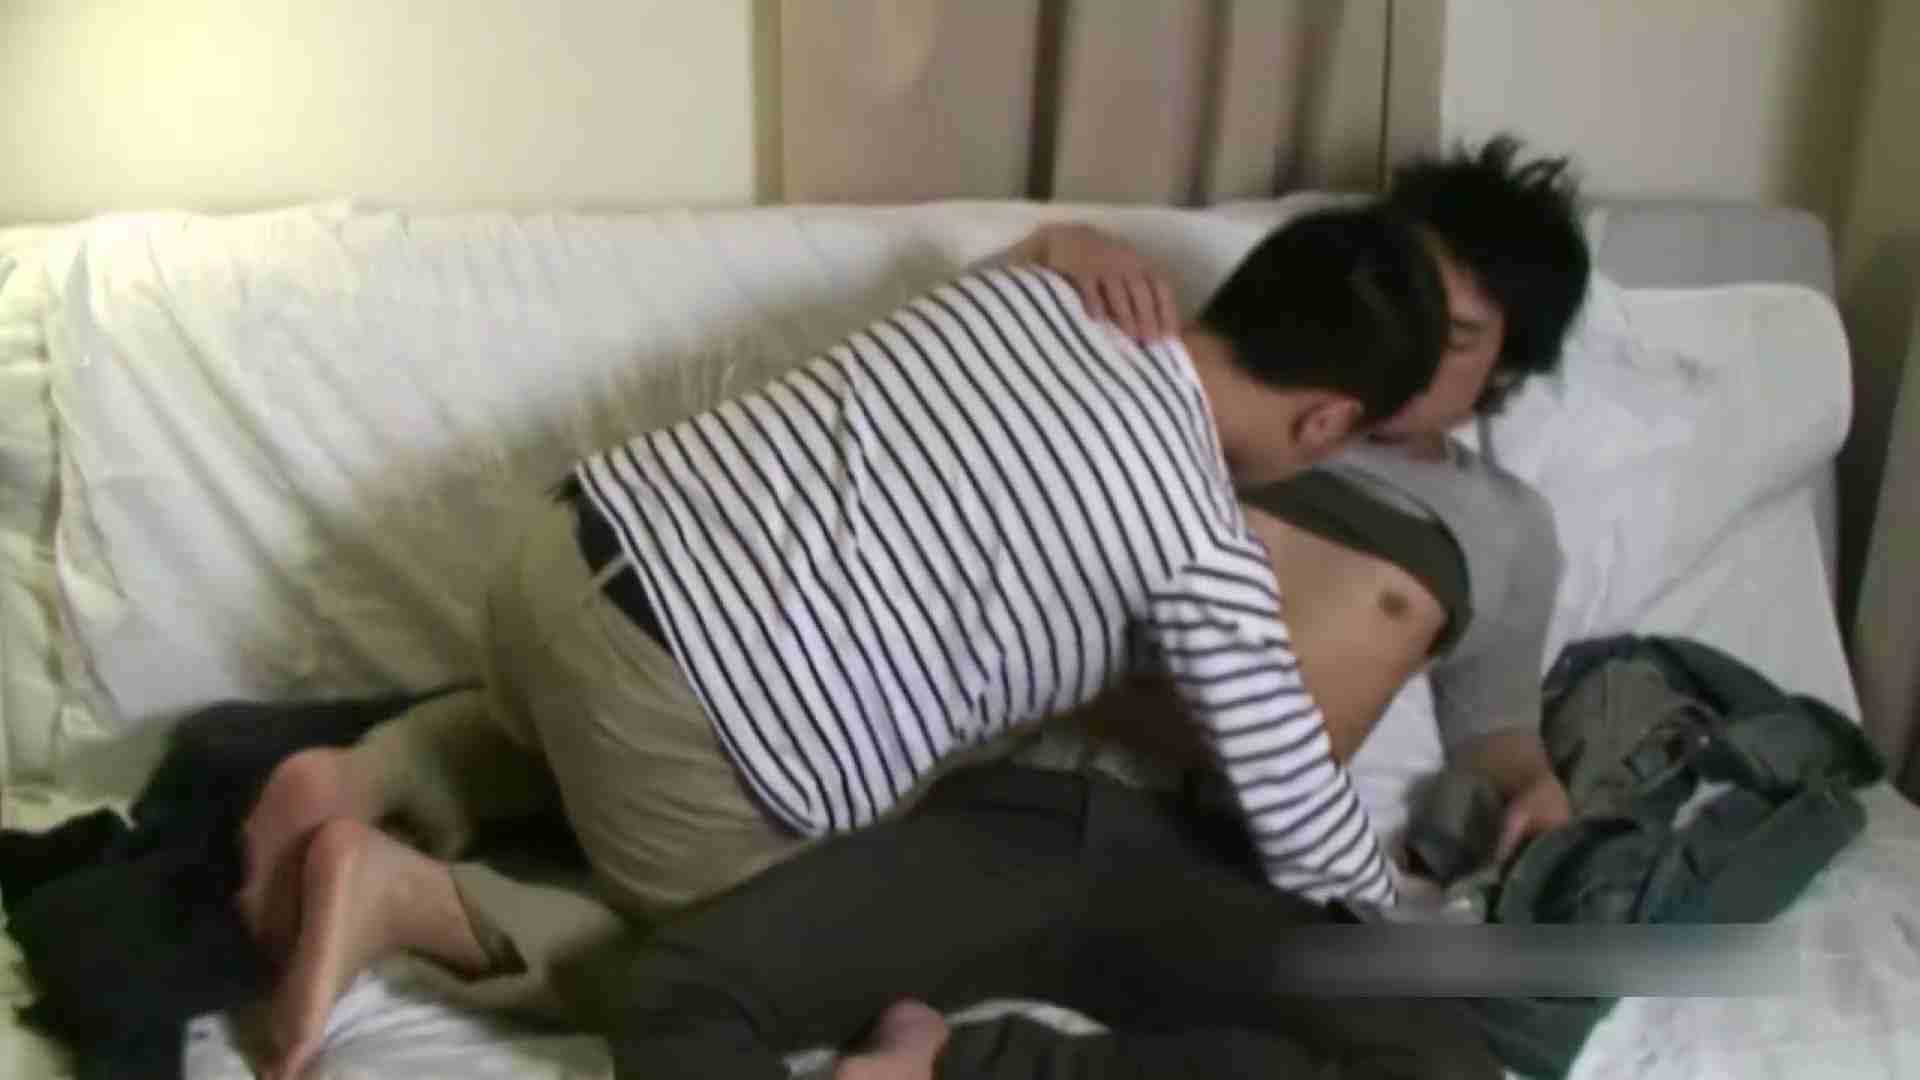 兄弟のように愛し合う Vol.01 エロ特集 ゲイセックス画像 94pic 50